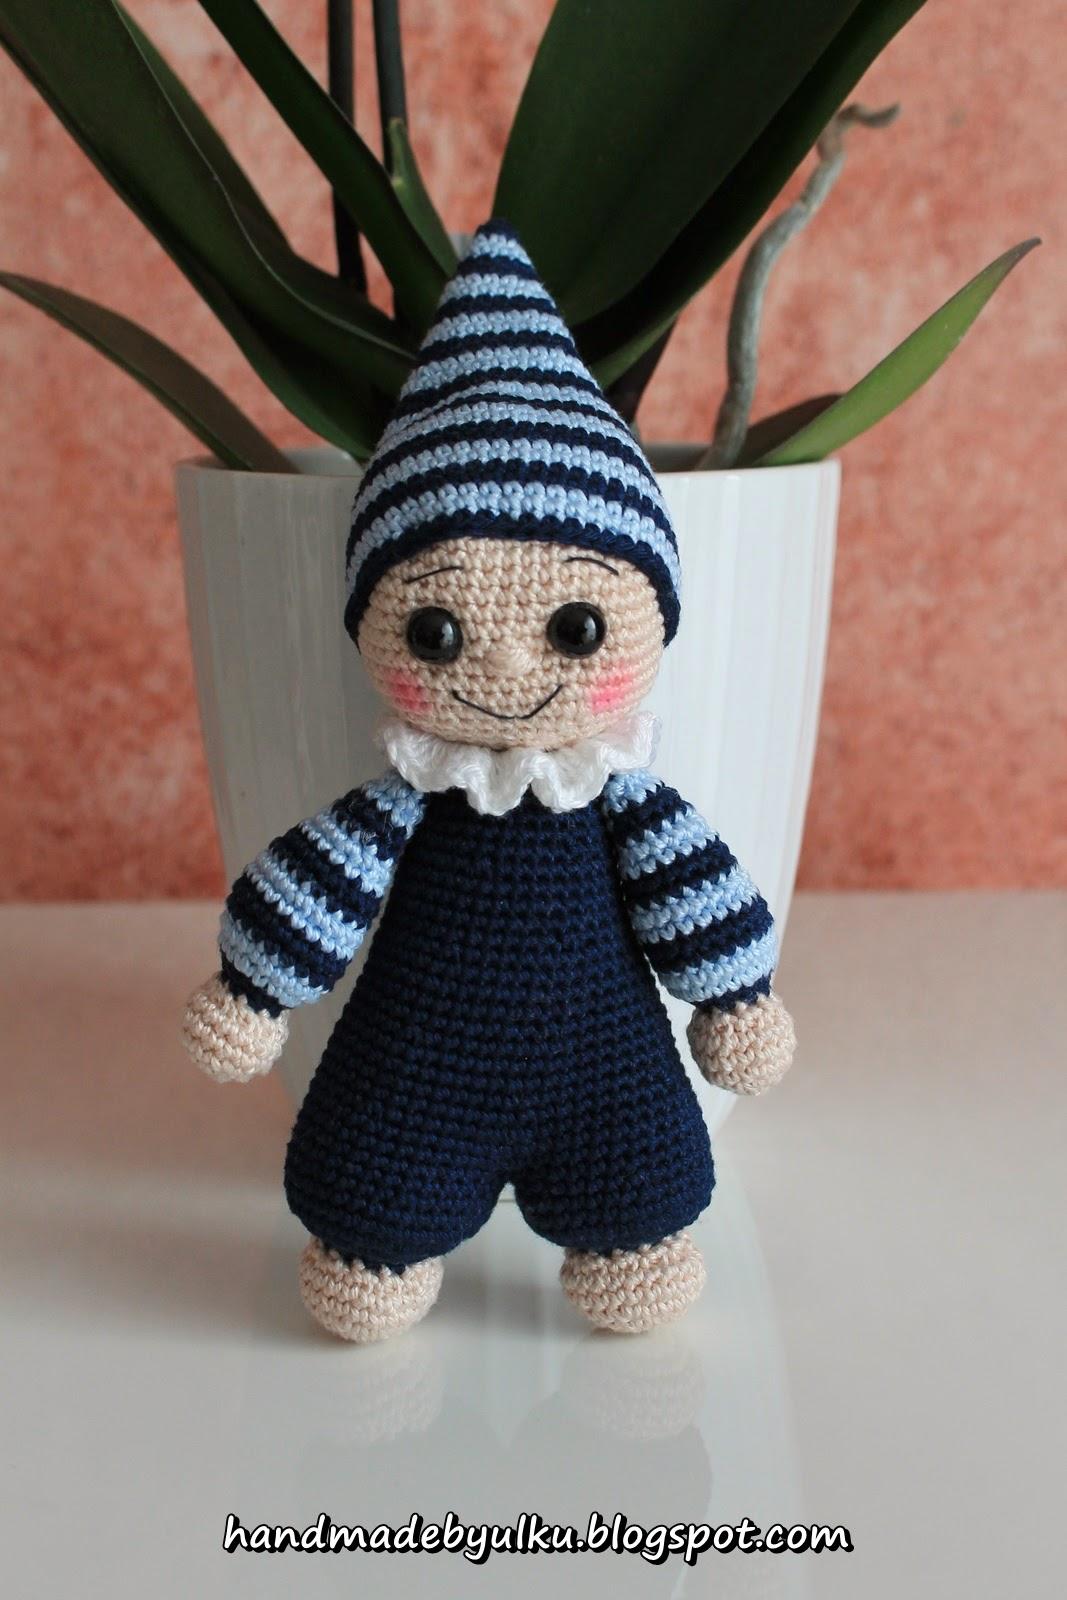 Amigurumi Baby Kostenlos : Handmade by ulku: Amigurumi Zwerg / Cuddly Baby / Cuce